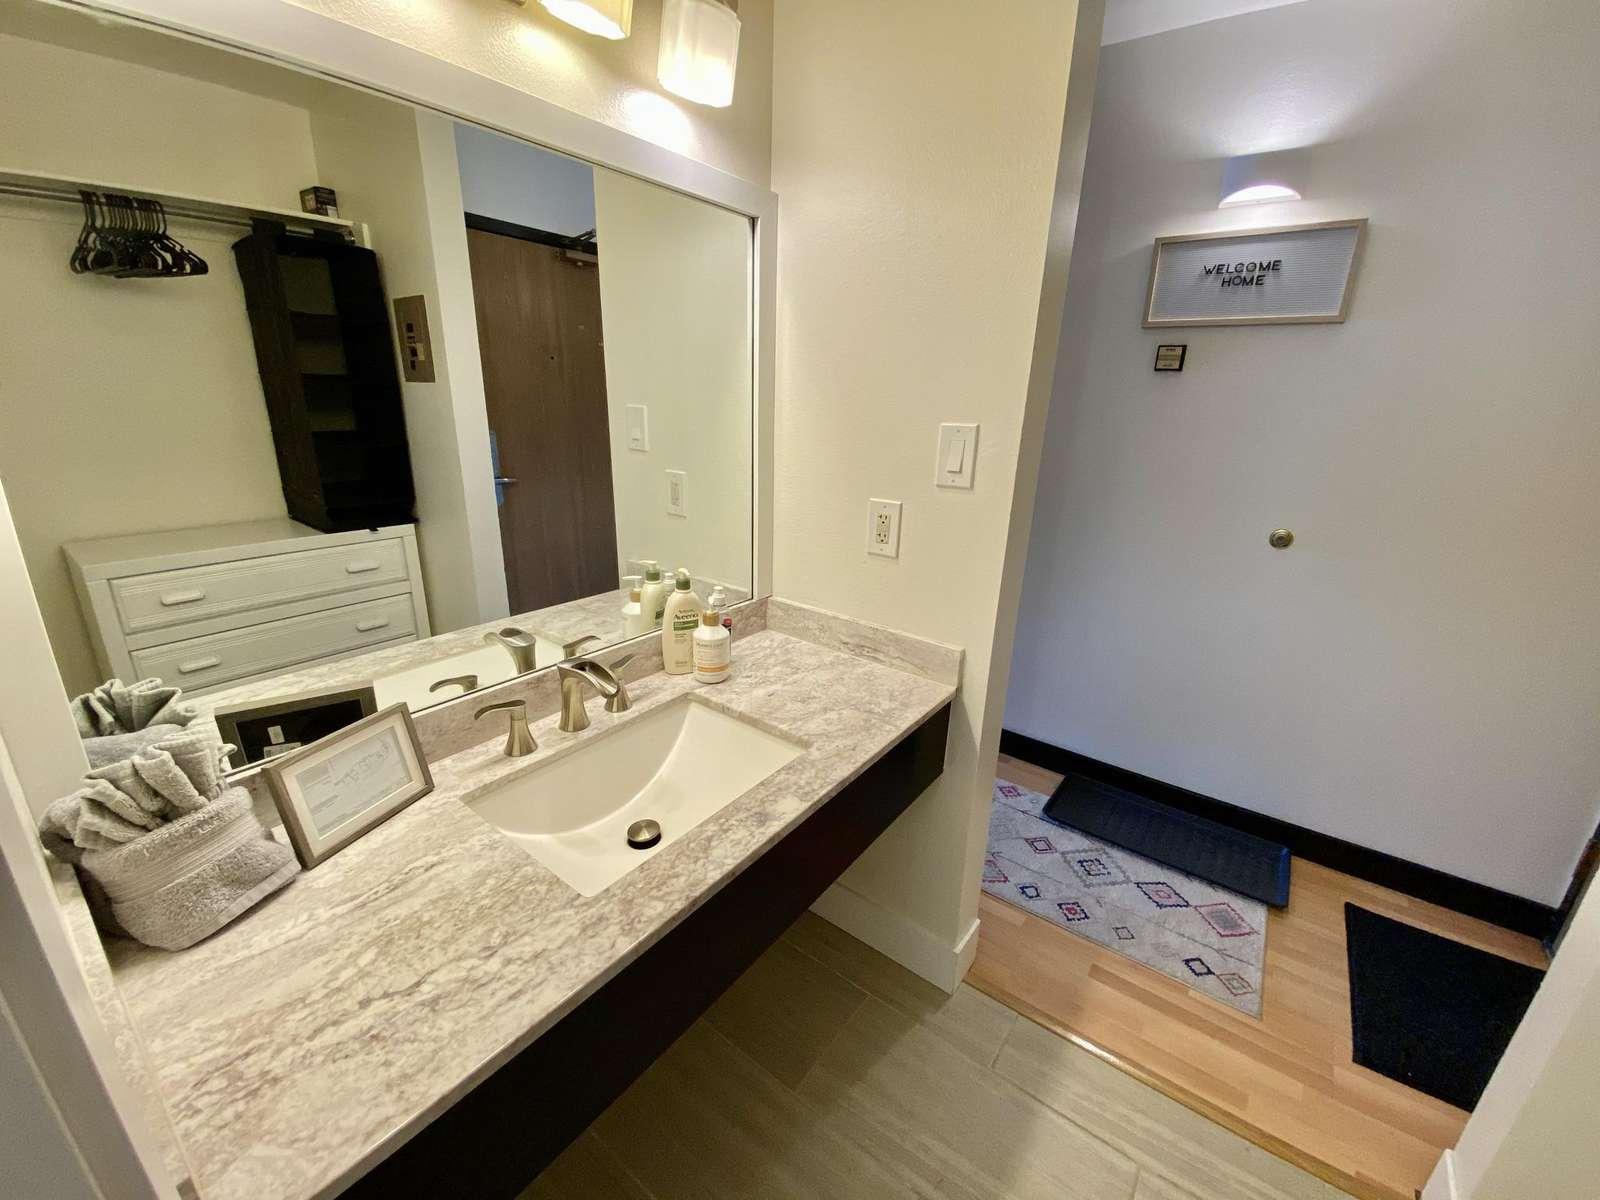 Separate sink area just outside bathroom door